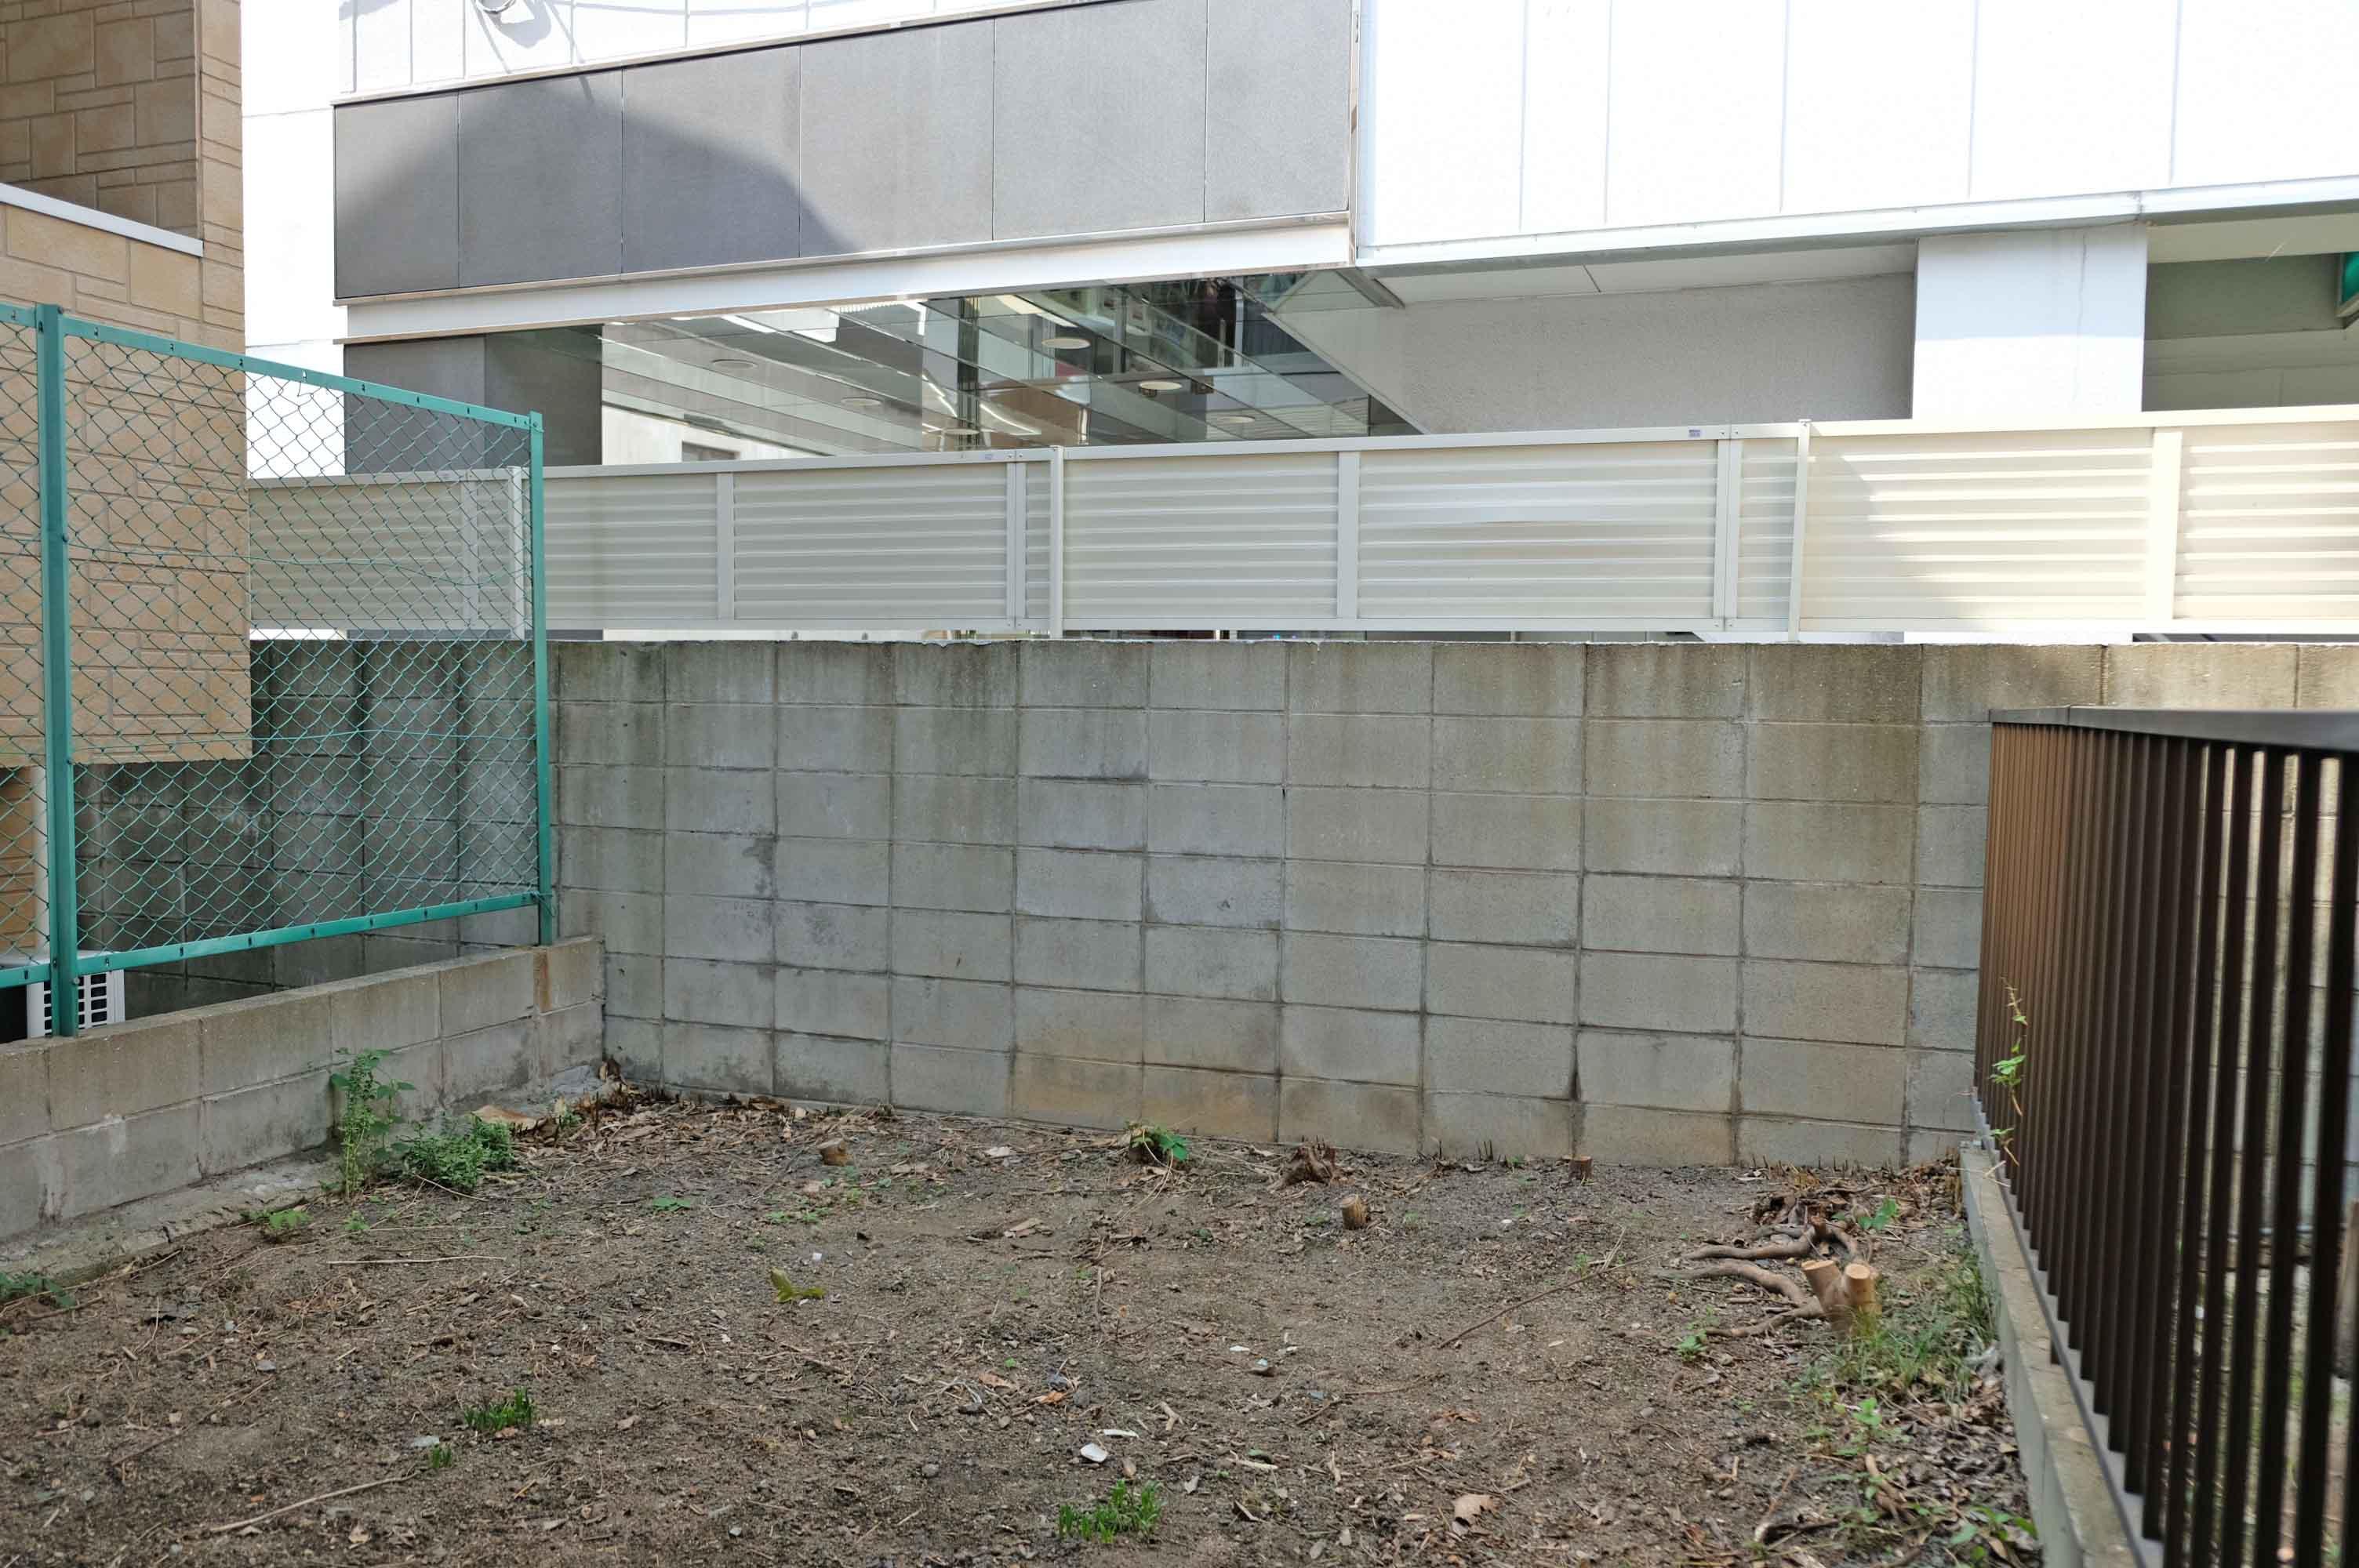 囲まれ感はありますが、敷地内にお庭スペースもあり是非活用したいところ。